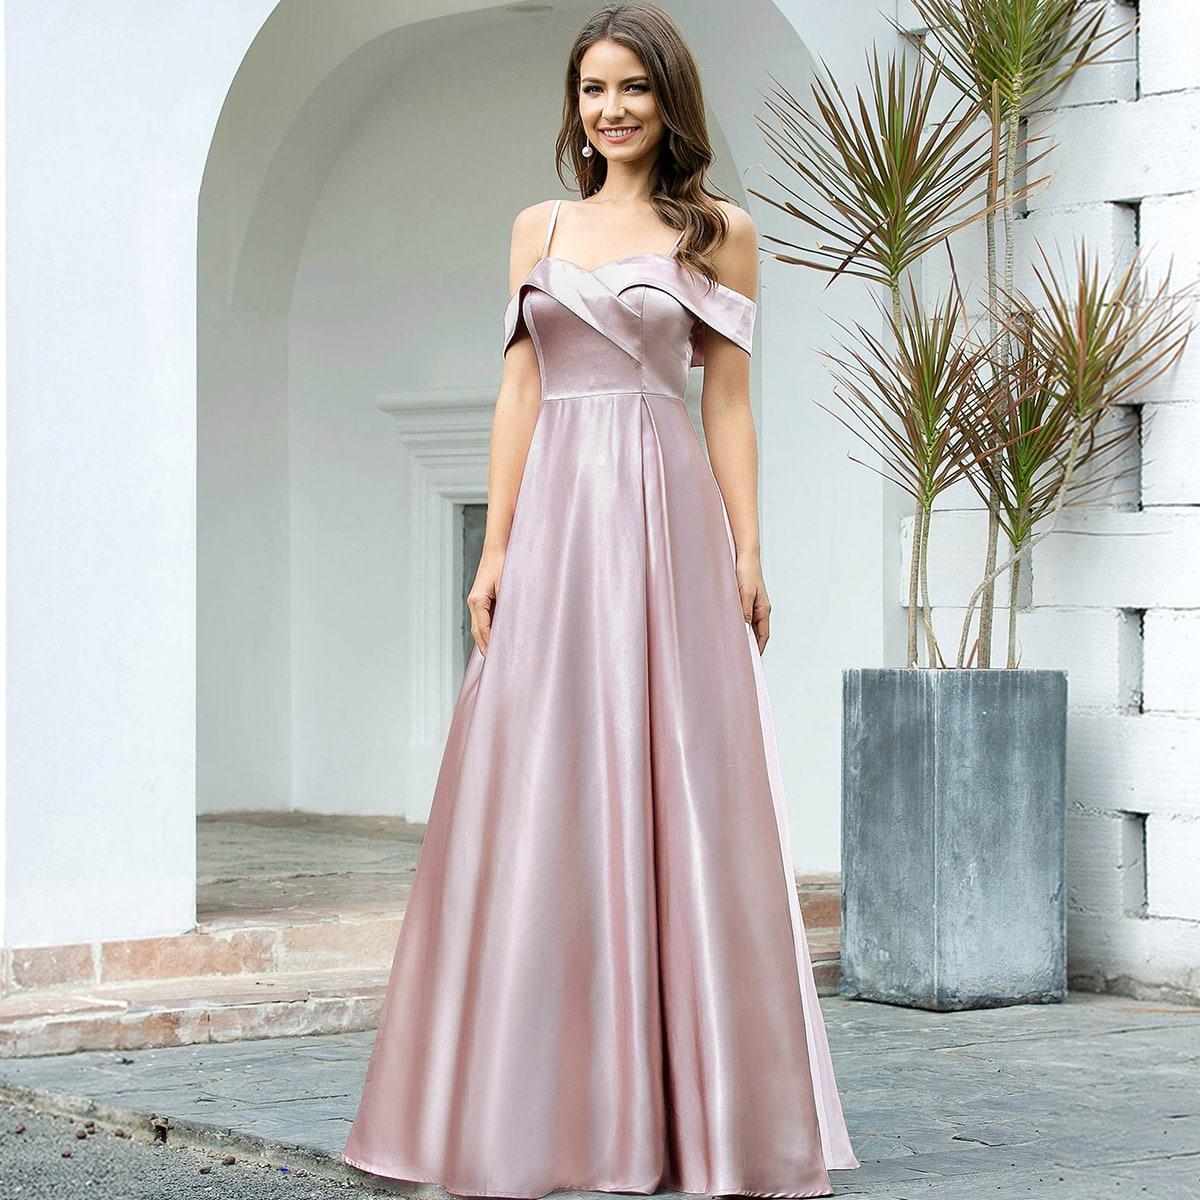 EverPretty Атласное платье с открытыми плечами фото